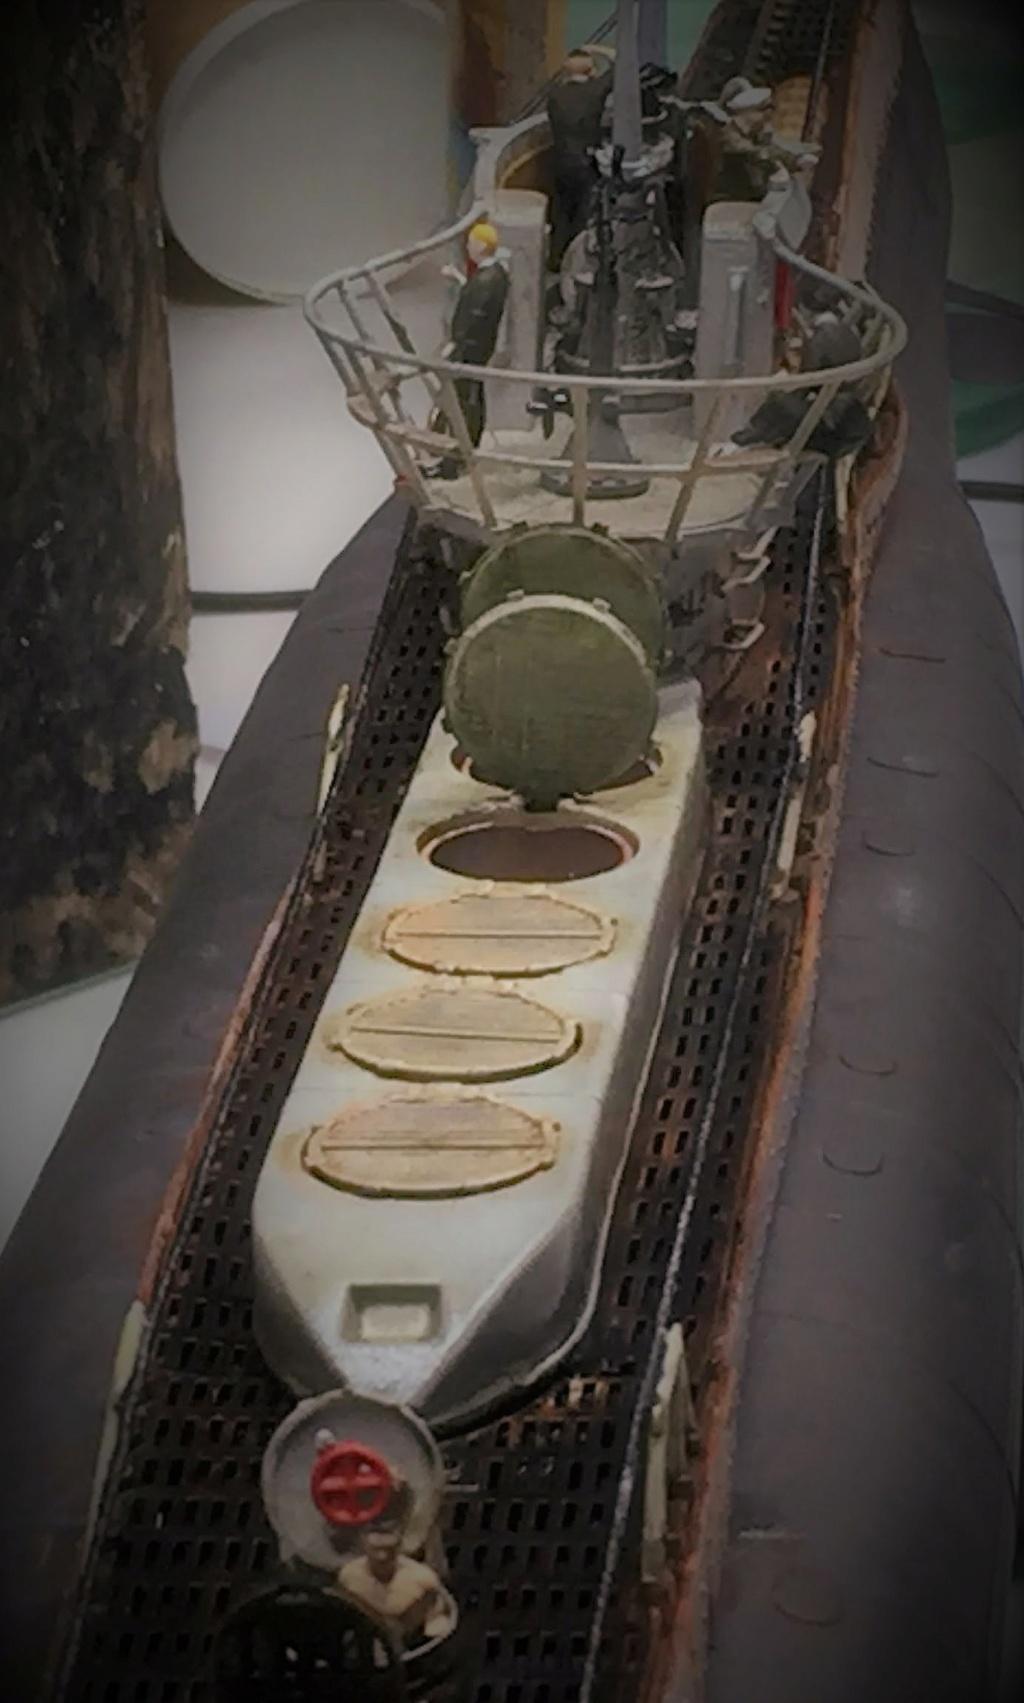 Sous-marin U-Boat VIID résine 3D au 1/100 - Page 10 Img_5926